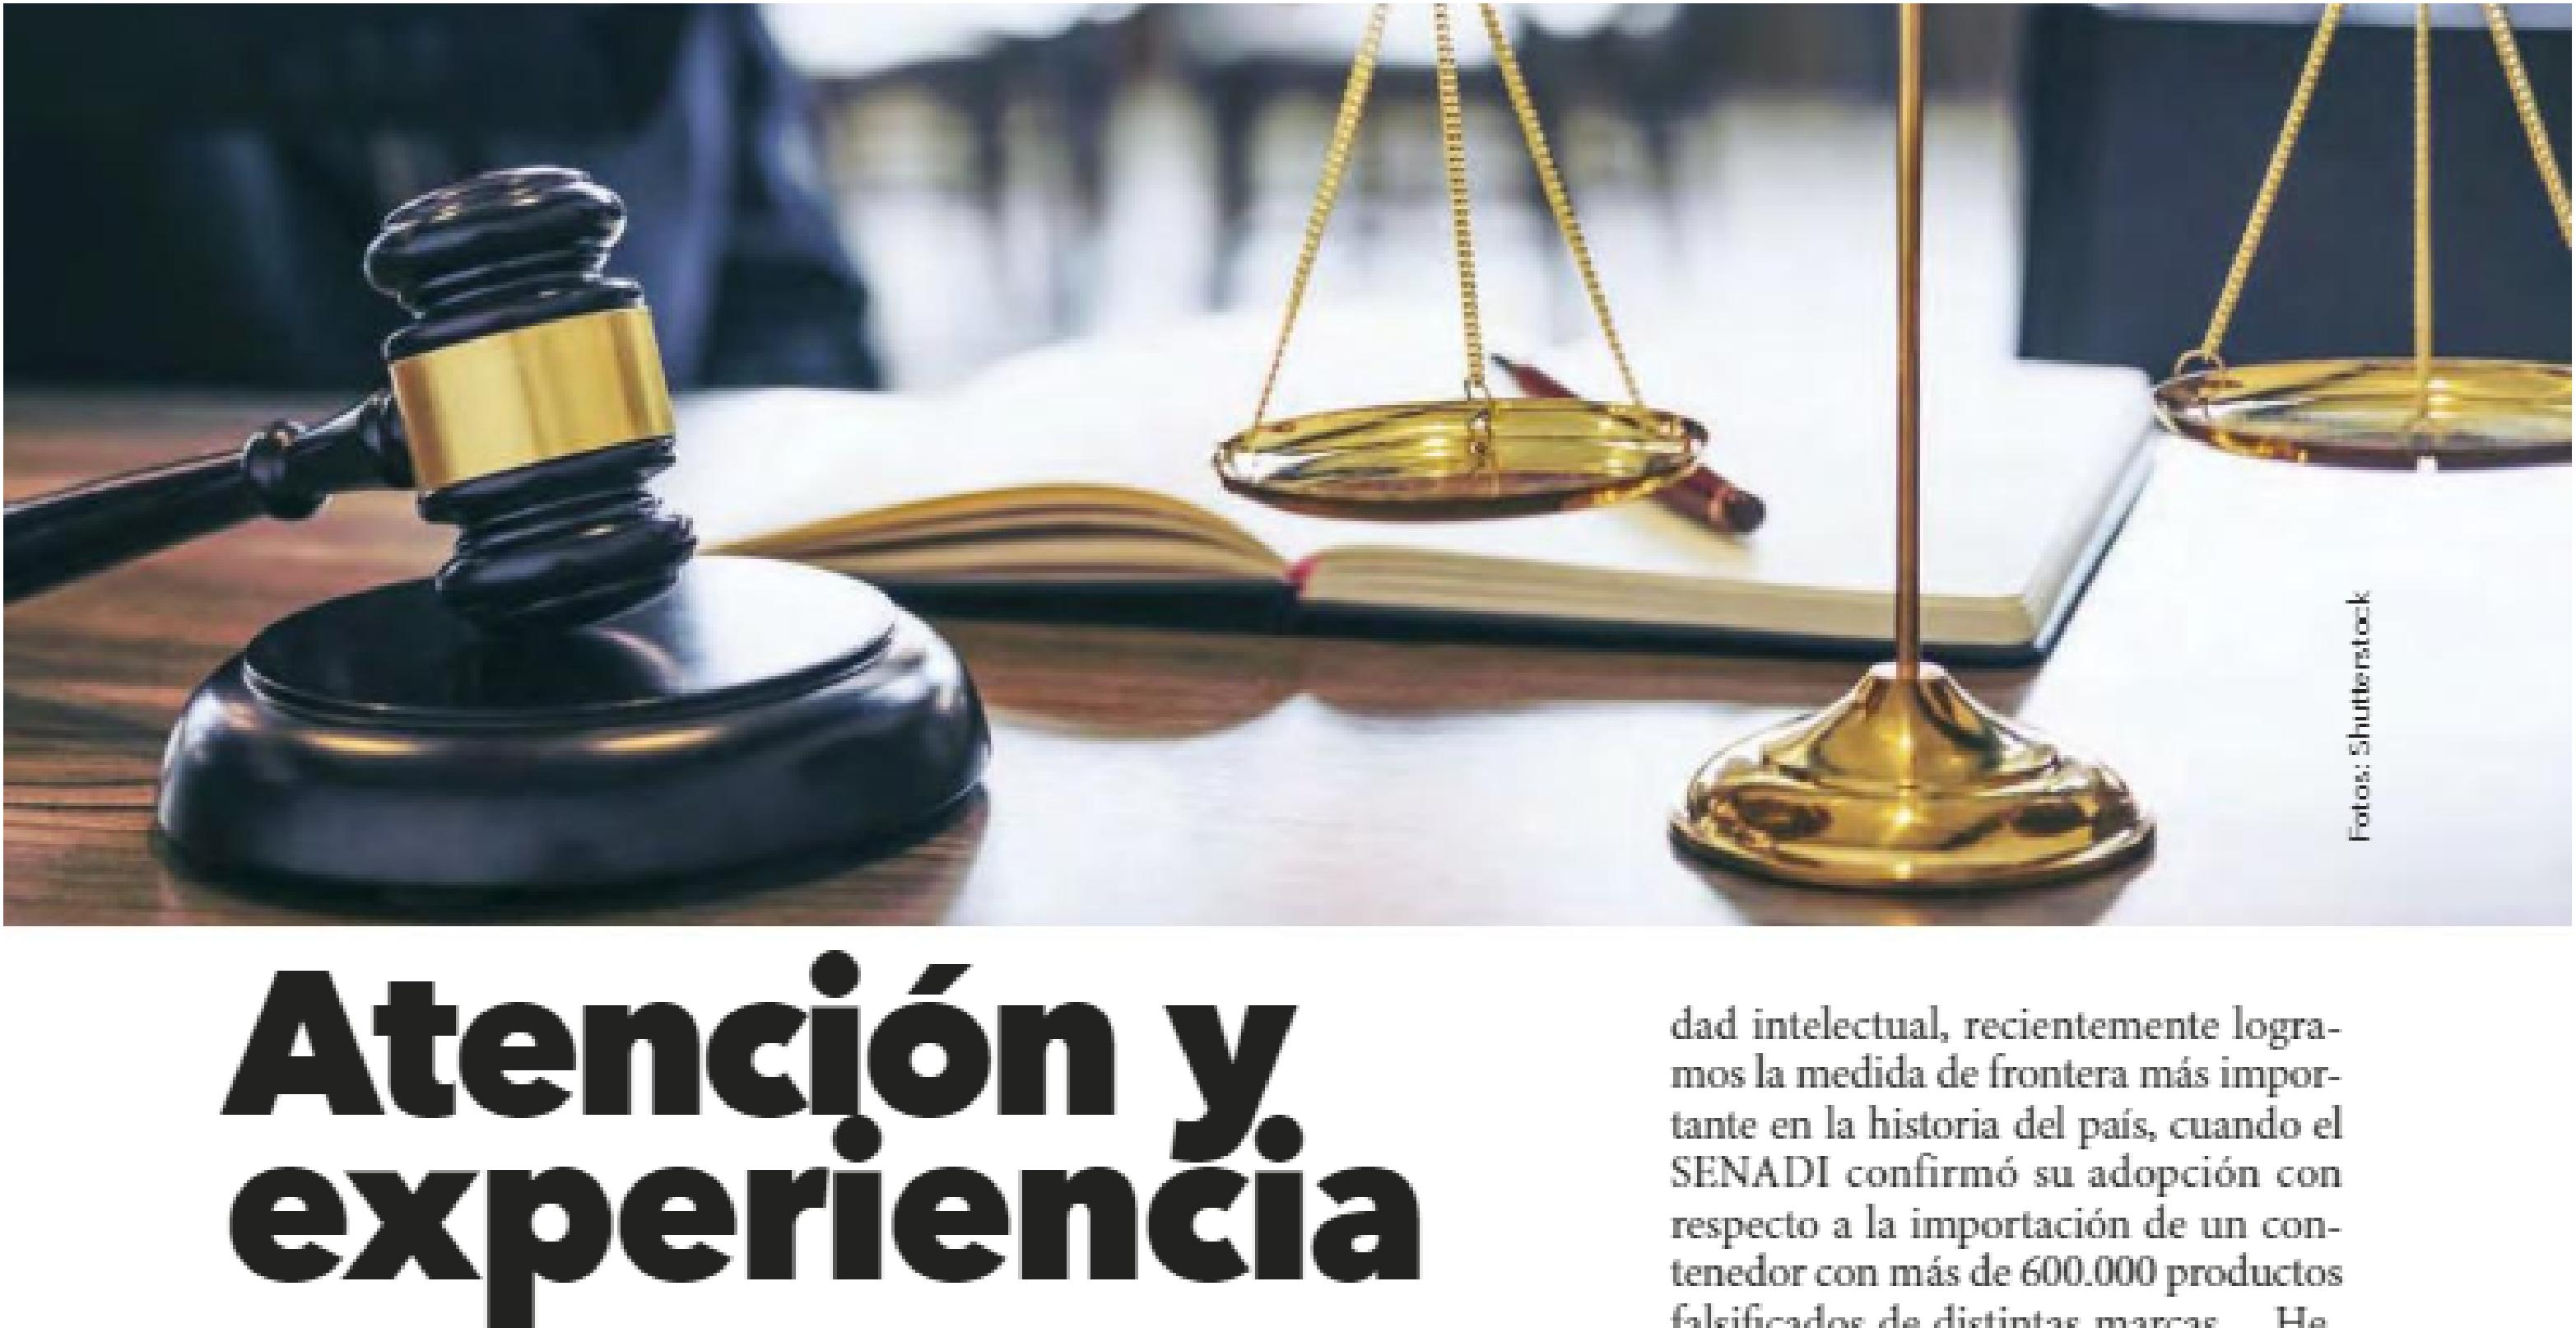 Revista Enfoque - Atención y experiencia - CorralRosales - Abogados en Ecuador